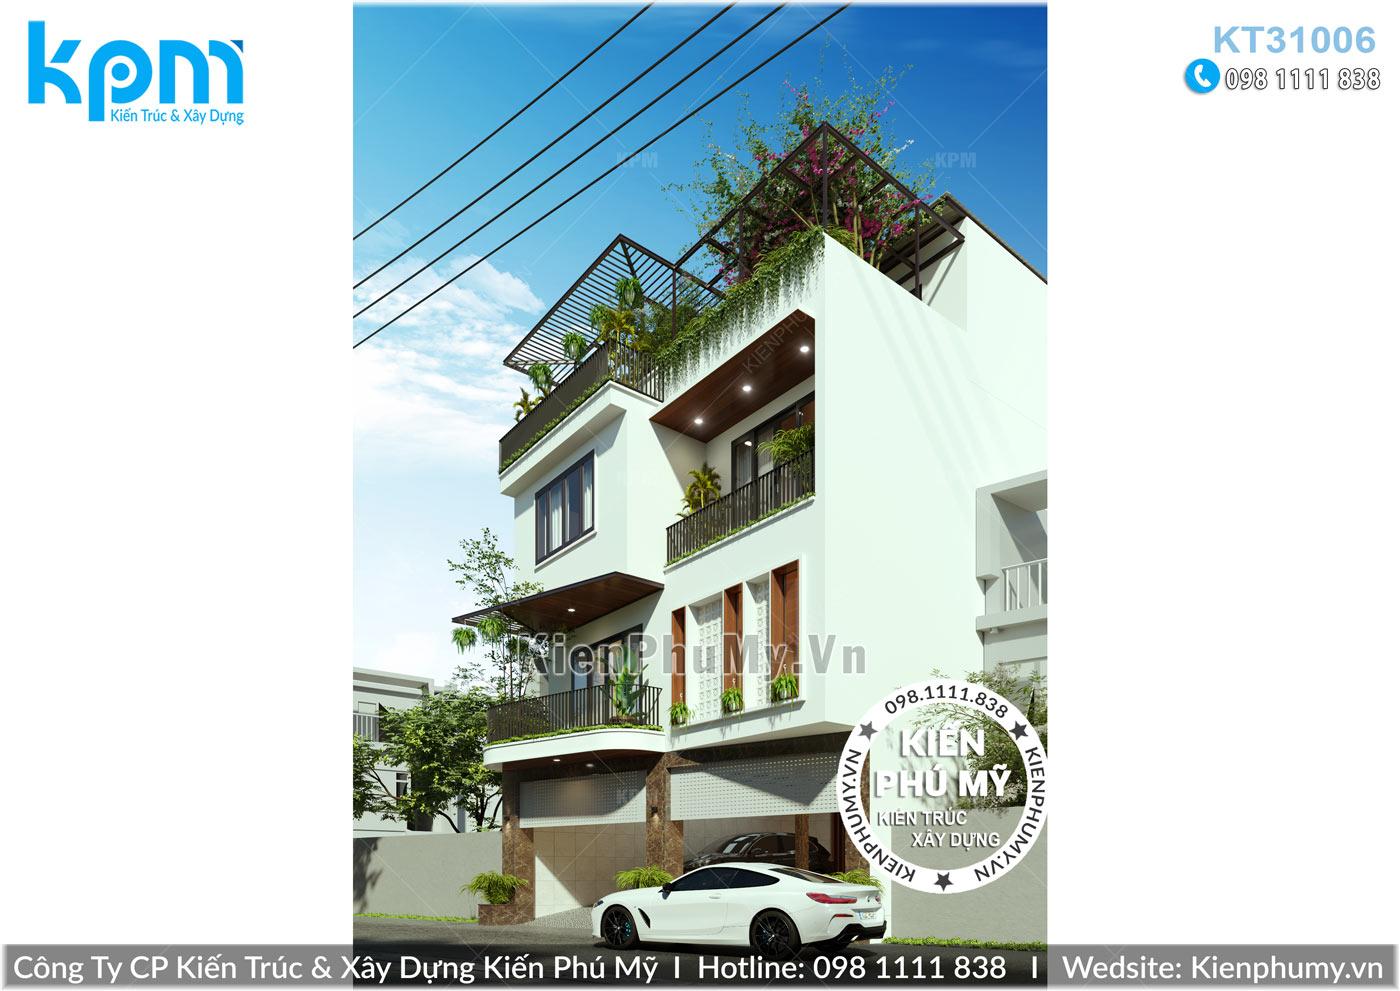 Mẫu nhà hiện đại 3 tầng 1 tum mặt tiền 9m đẹp